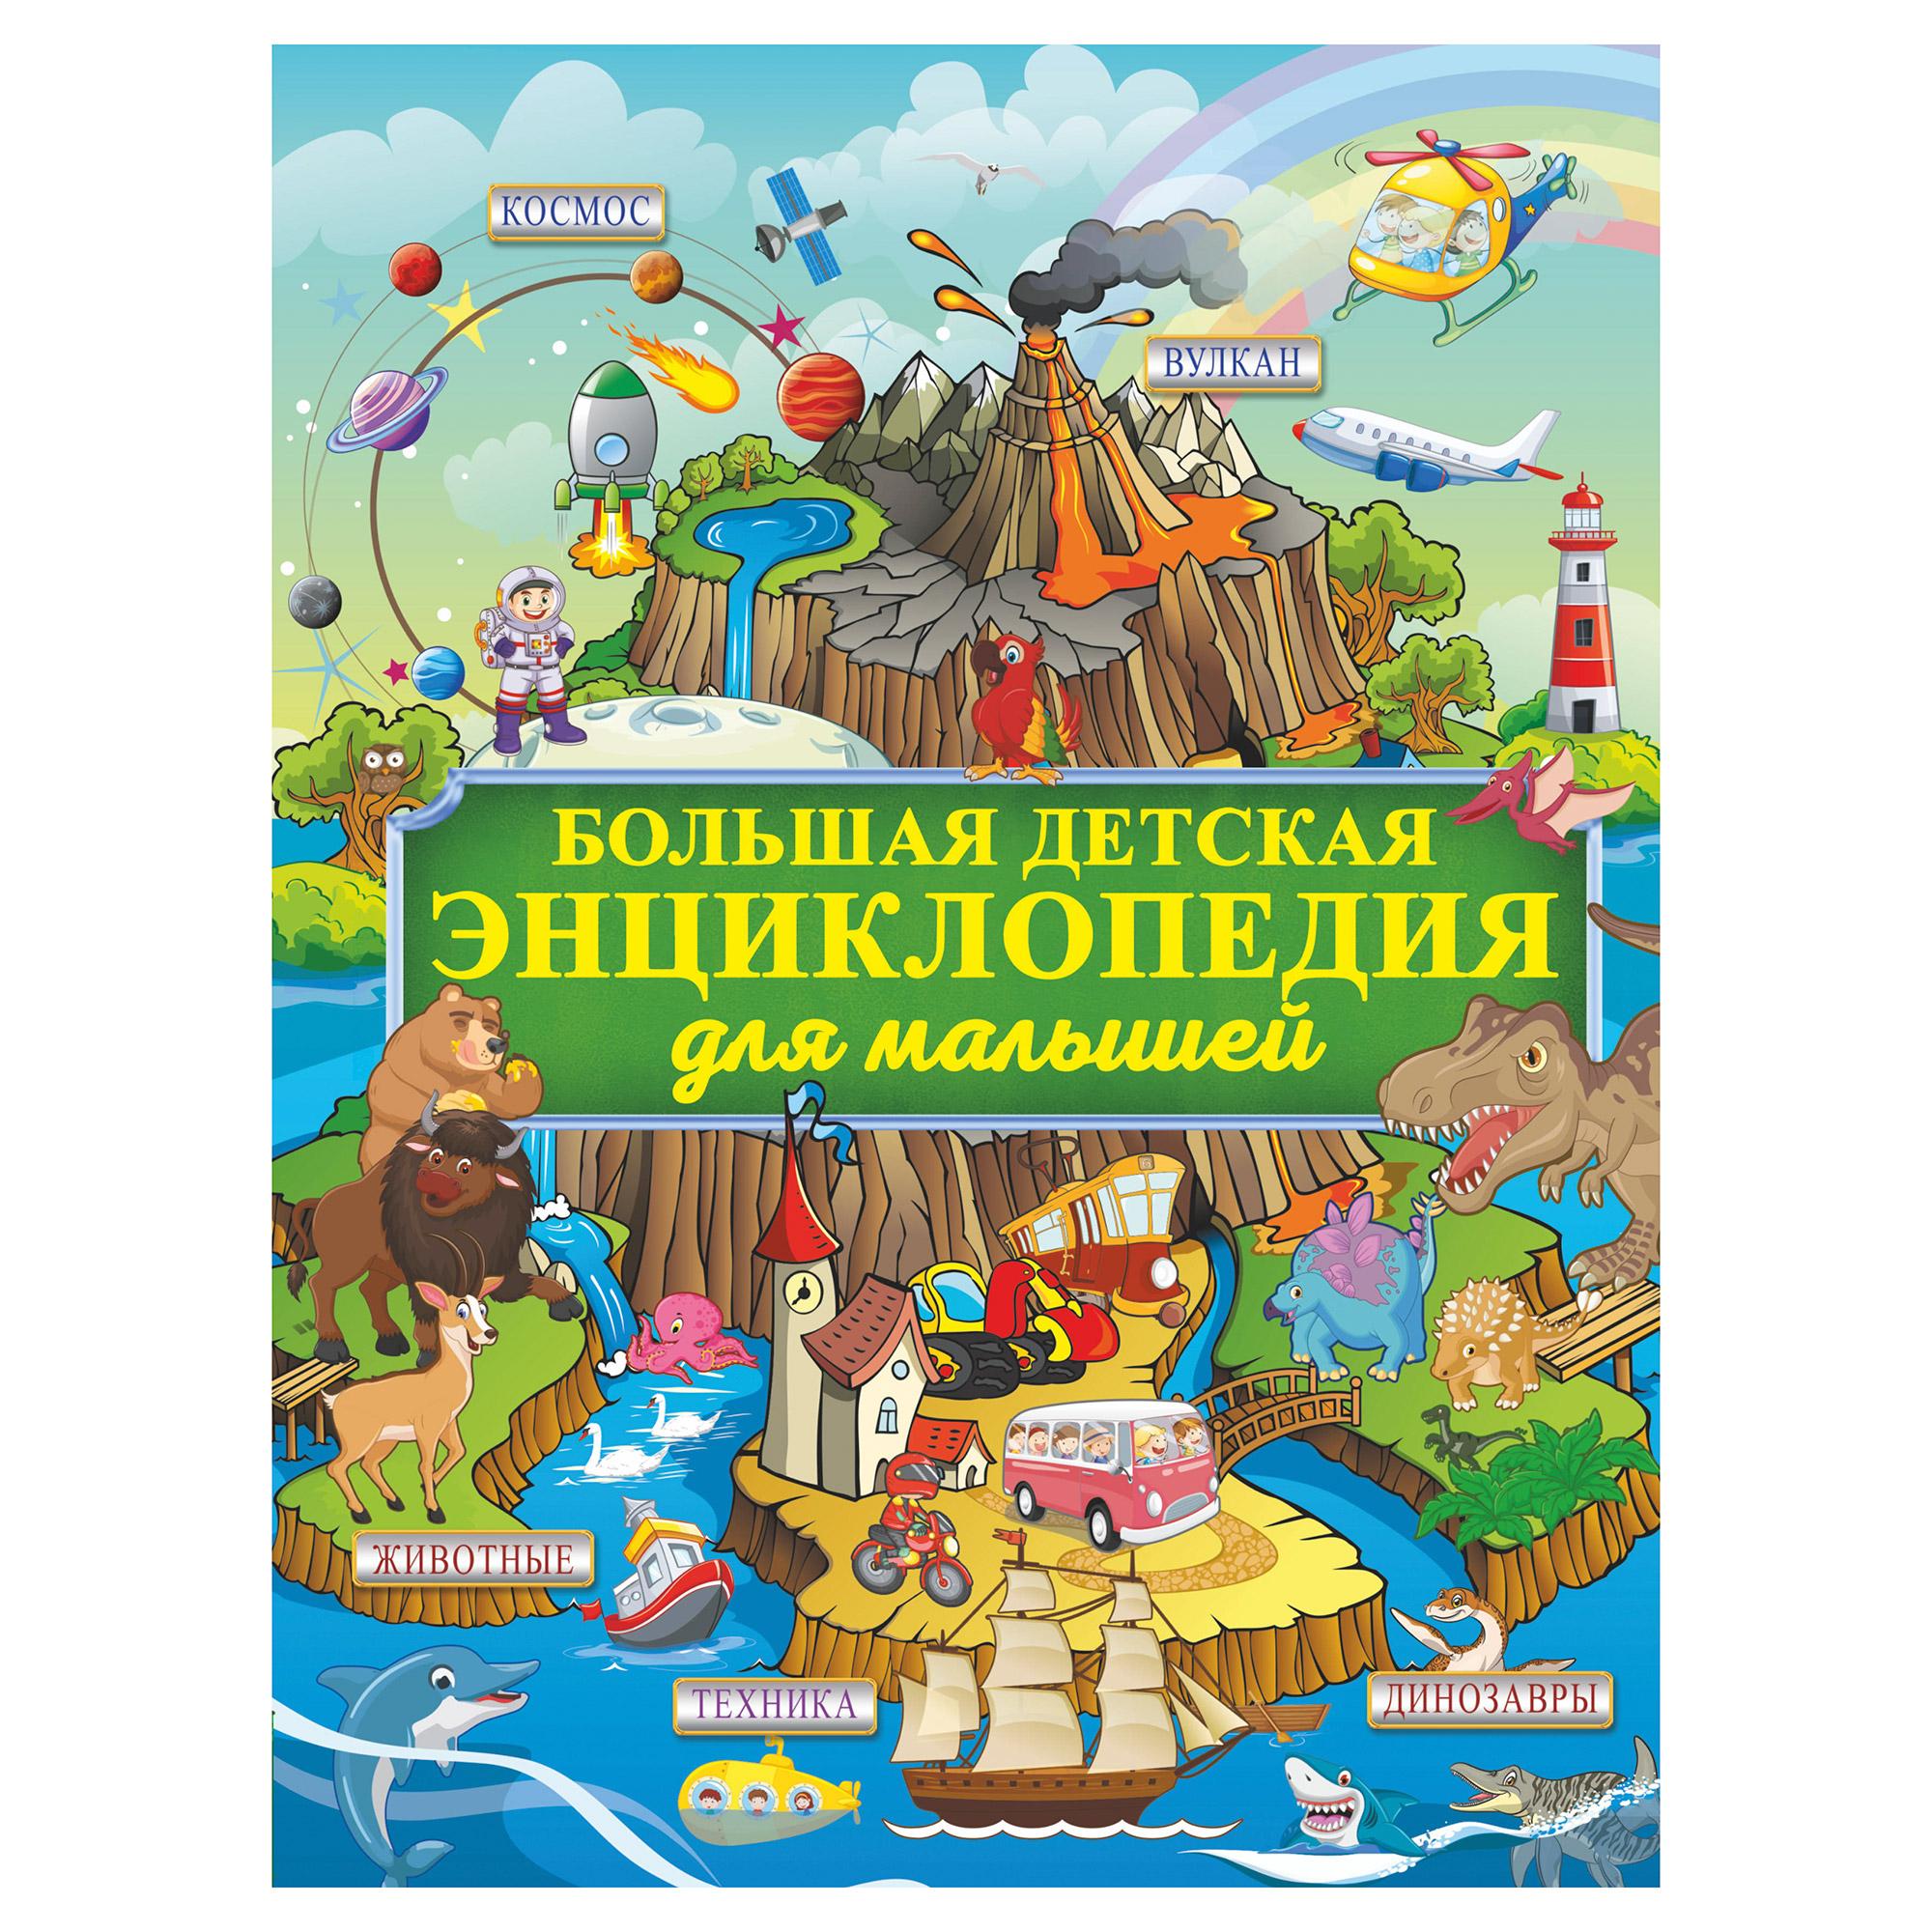 Книга АСТ Большая детская энциклопедия для малышей недорого